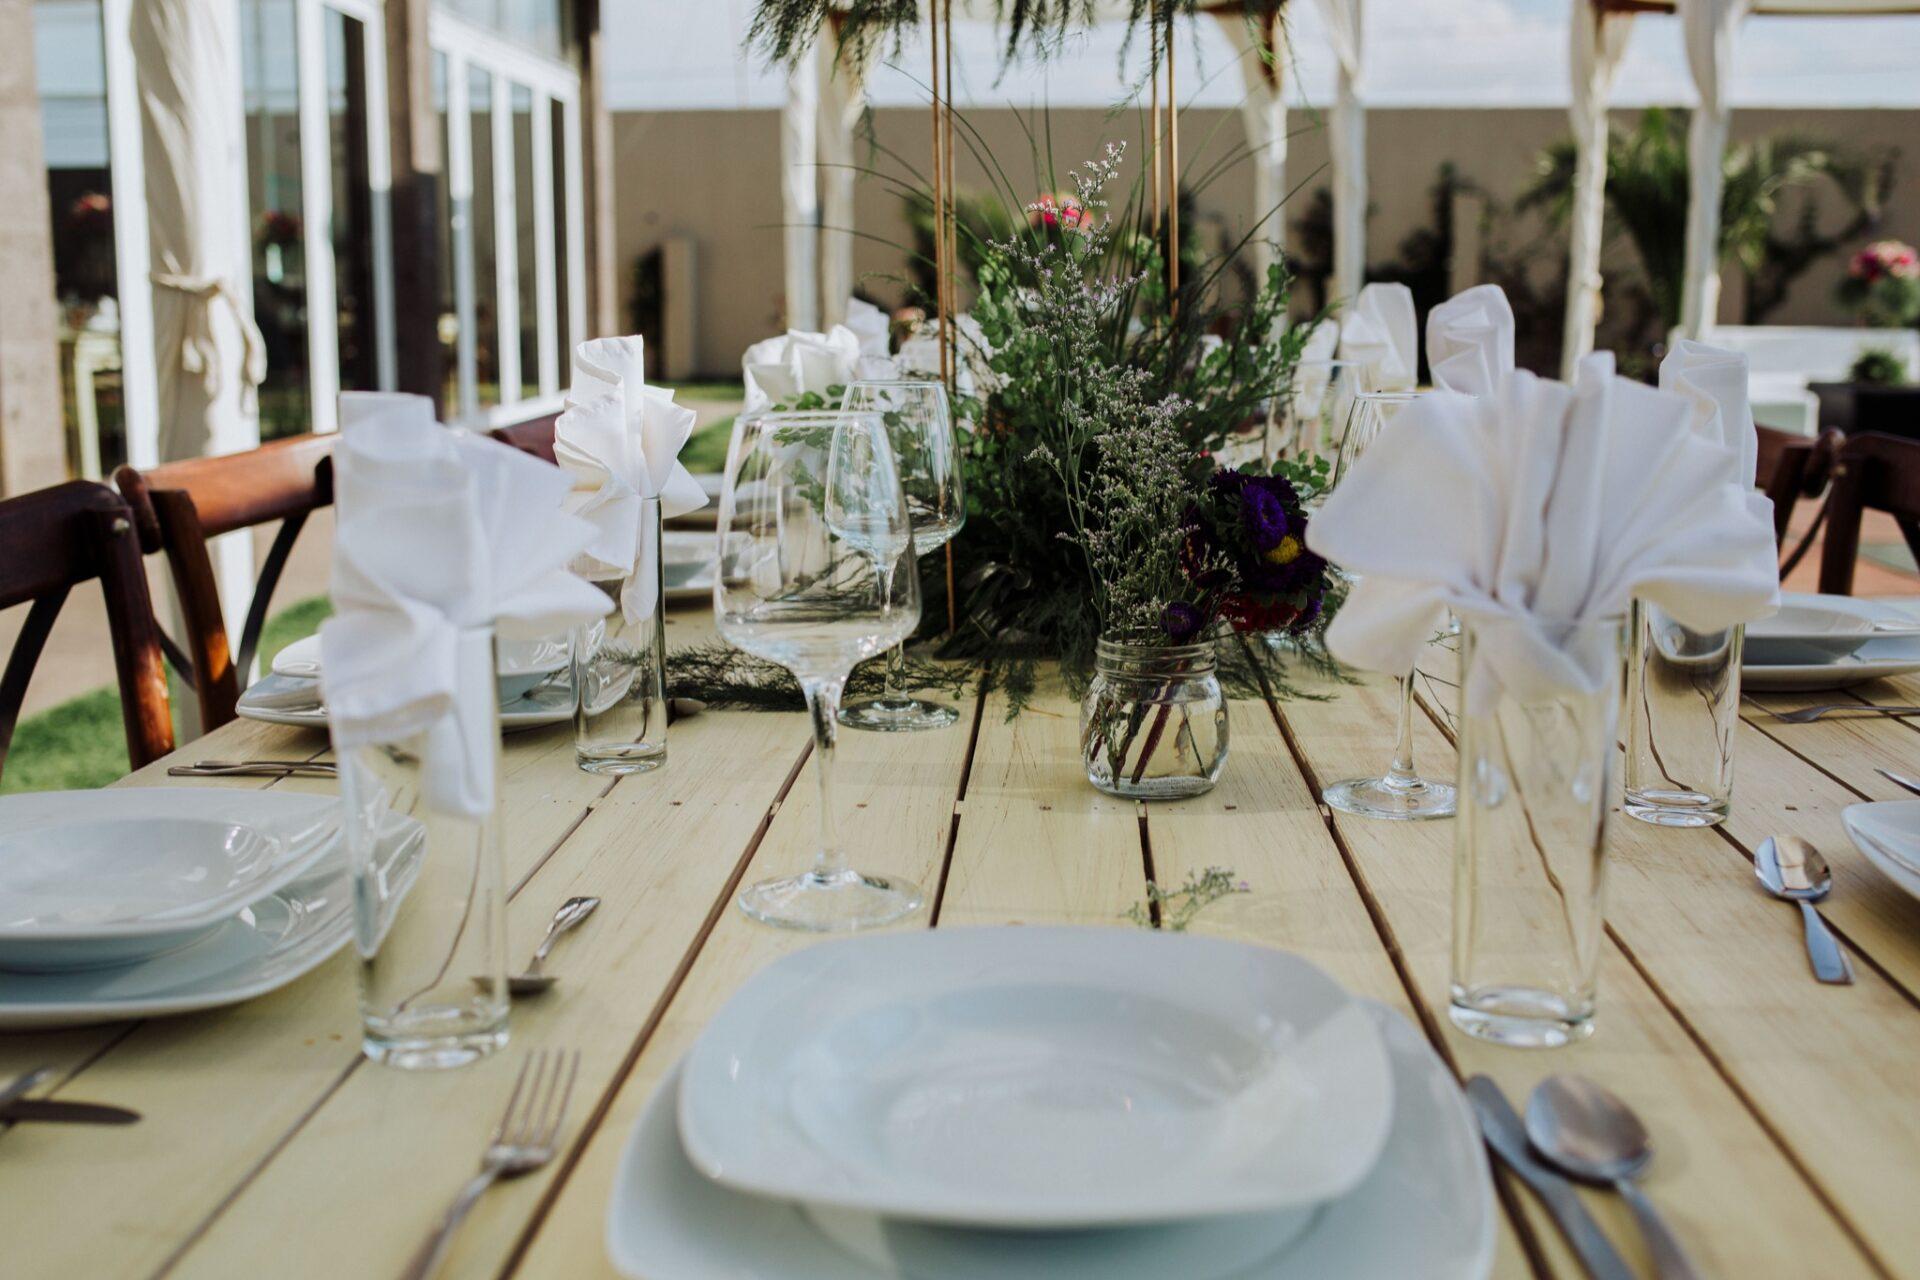 javier_noriega_fotografo_bodas_alicia_garden_zacatecas_wedding_photographer2